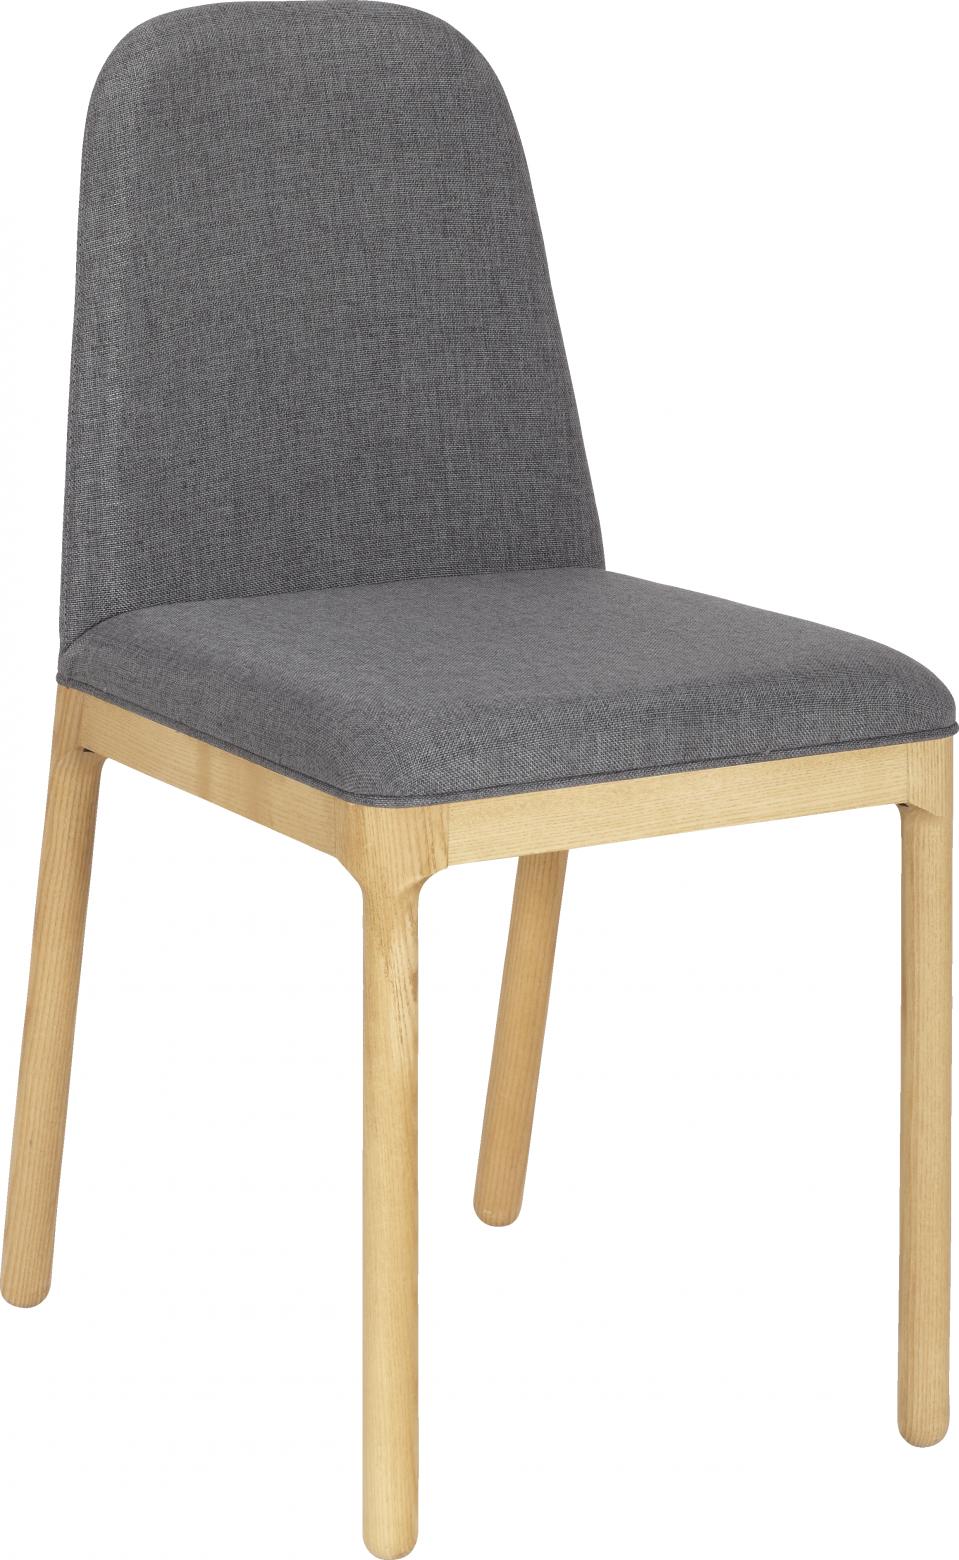 Bet Chaise En Tissu Couleur Gris Habitat Chaise Salle A